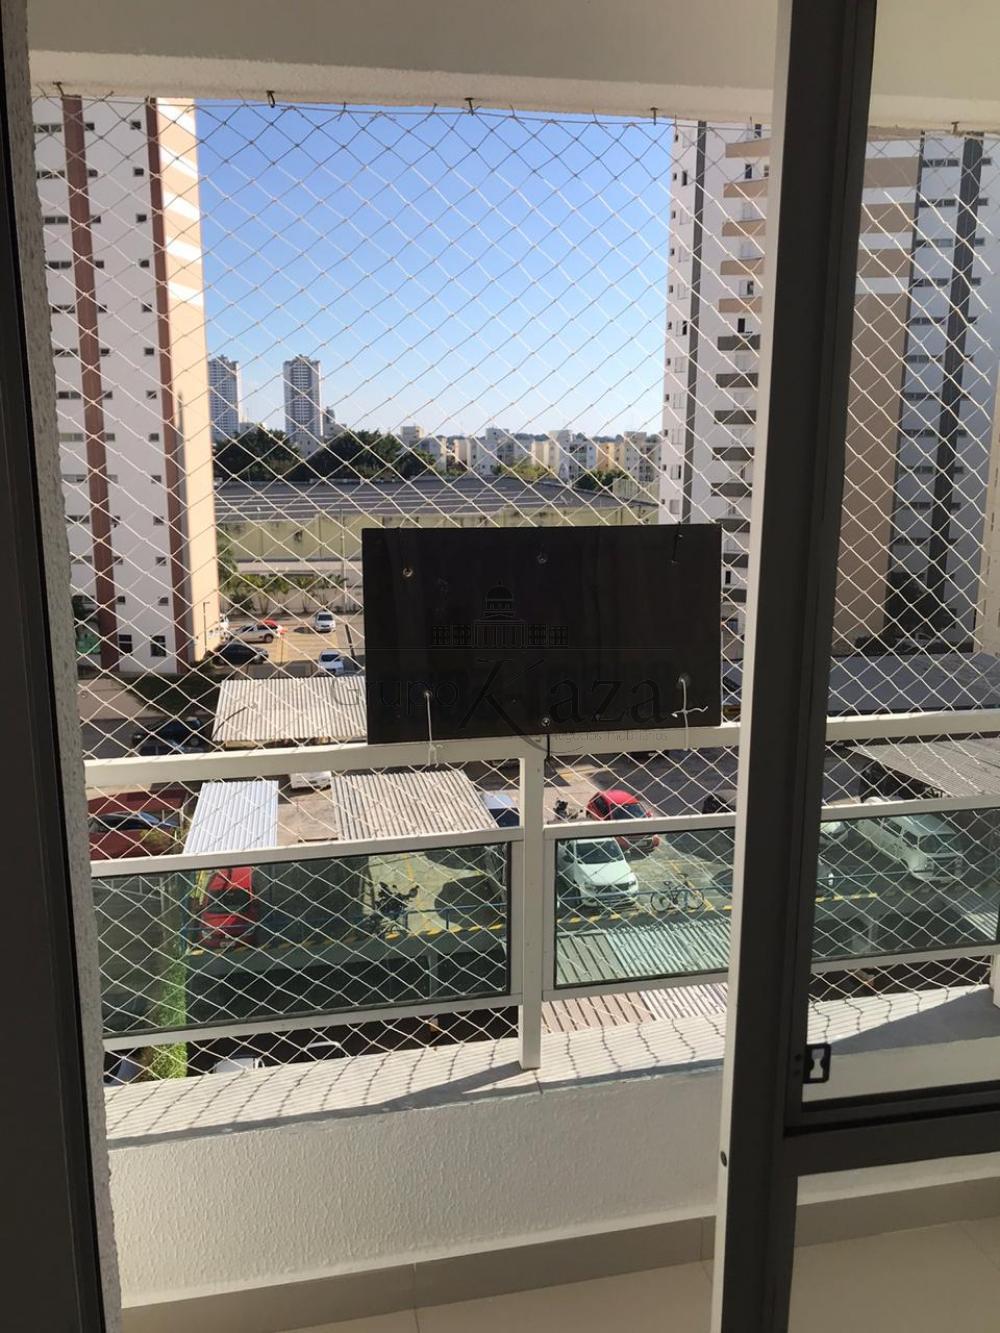 Comprar Apartamento / Padrão em Taubaté apenas R$ 250.000,00 - Foto 3